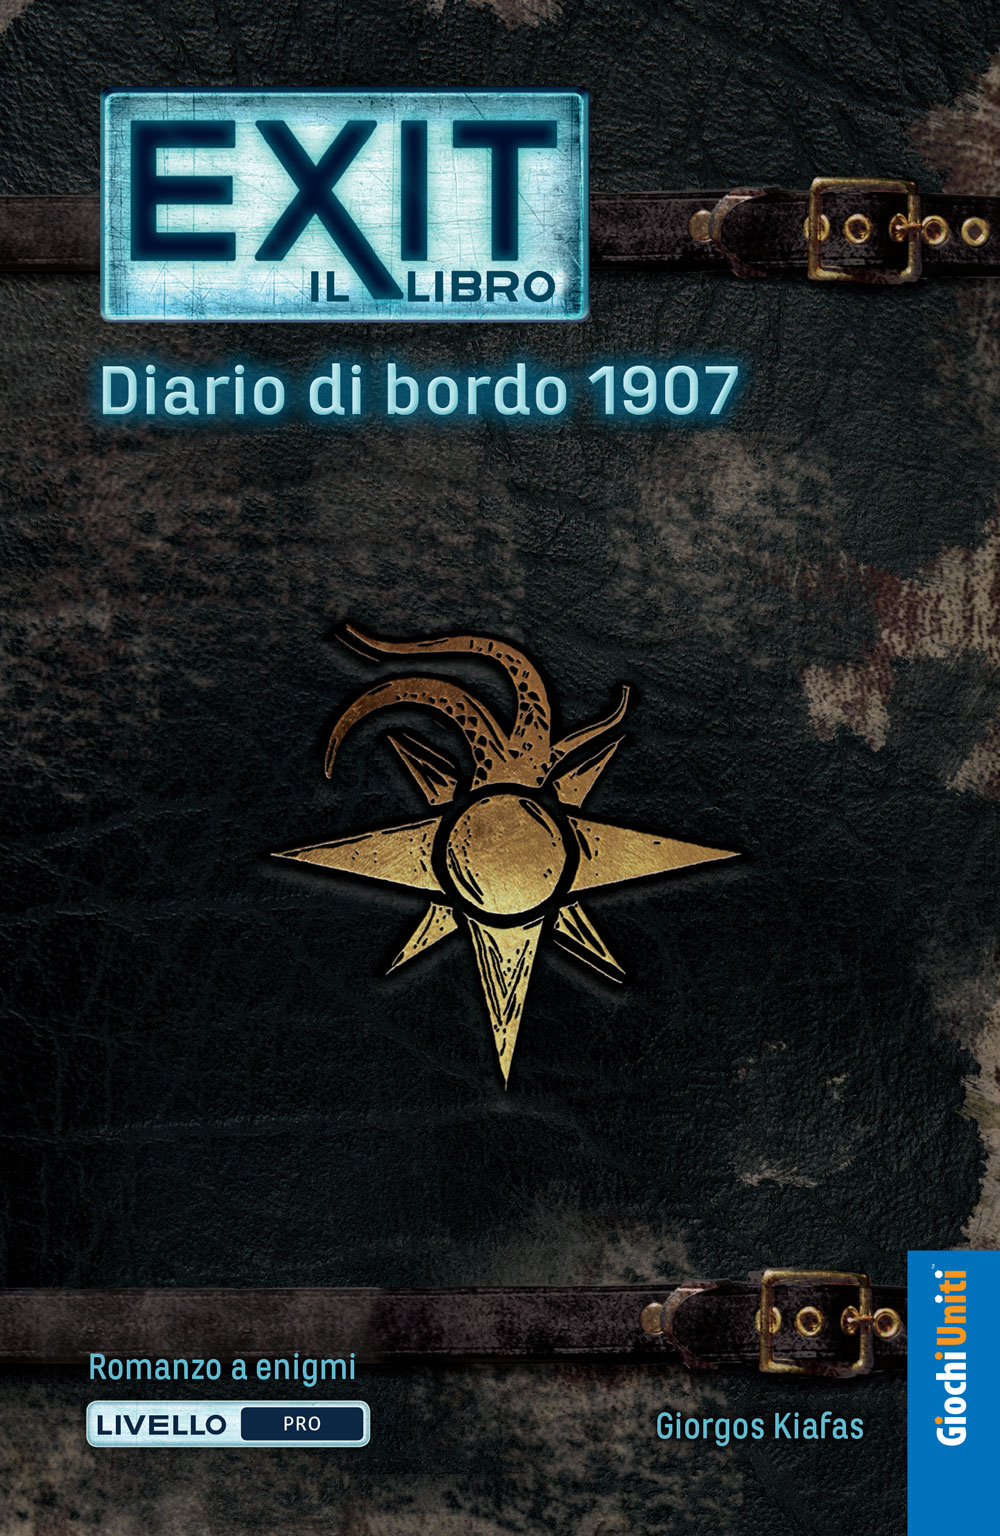 EXIT: DIARIO DI BORDO 1907